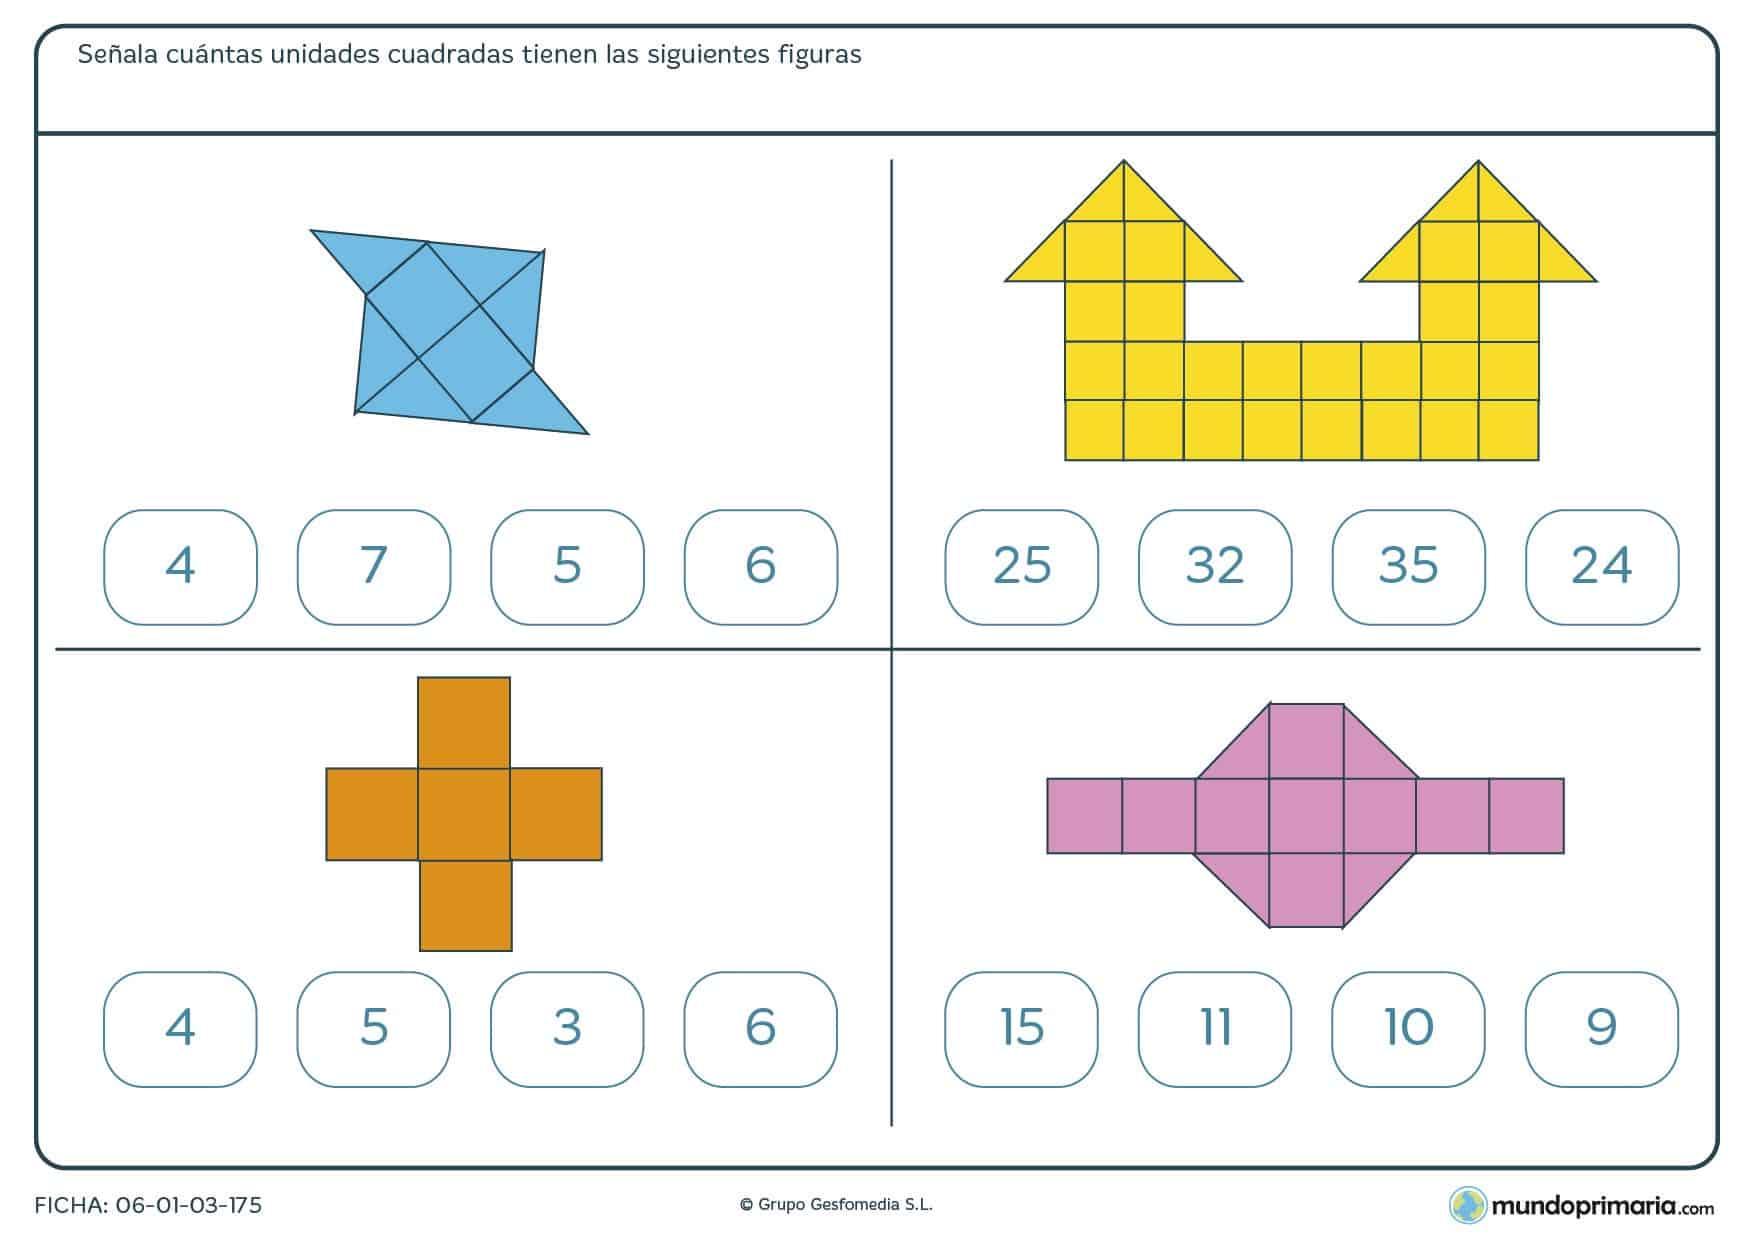 Ficha de unidades cuadradas en figuras que debes contar para resolver el número total que hay en cada dibujo.